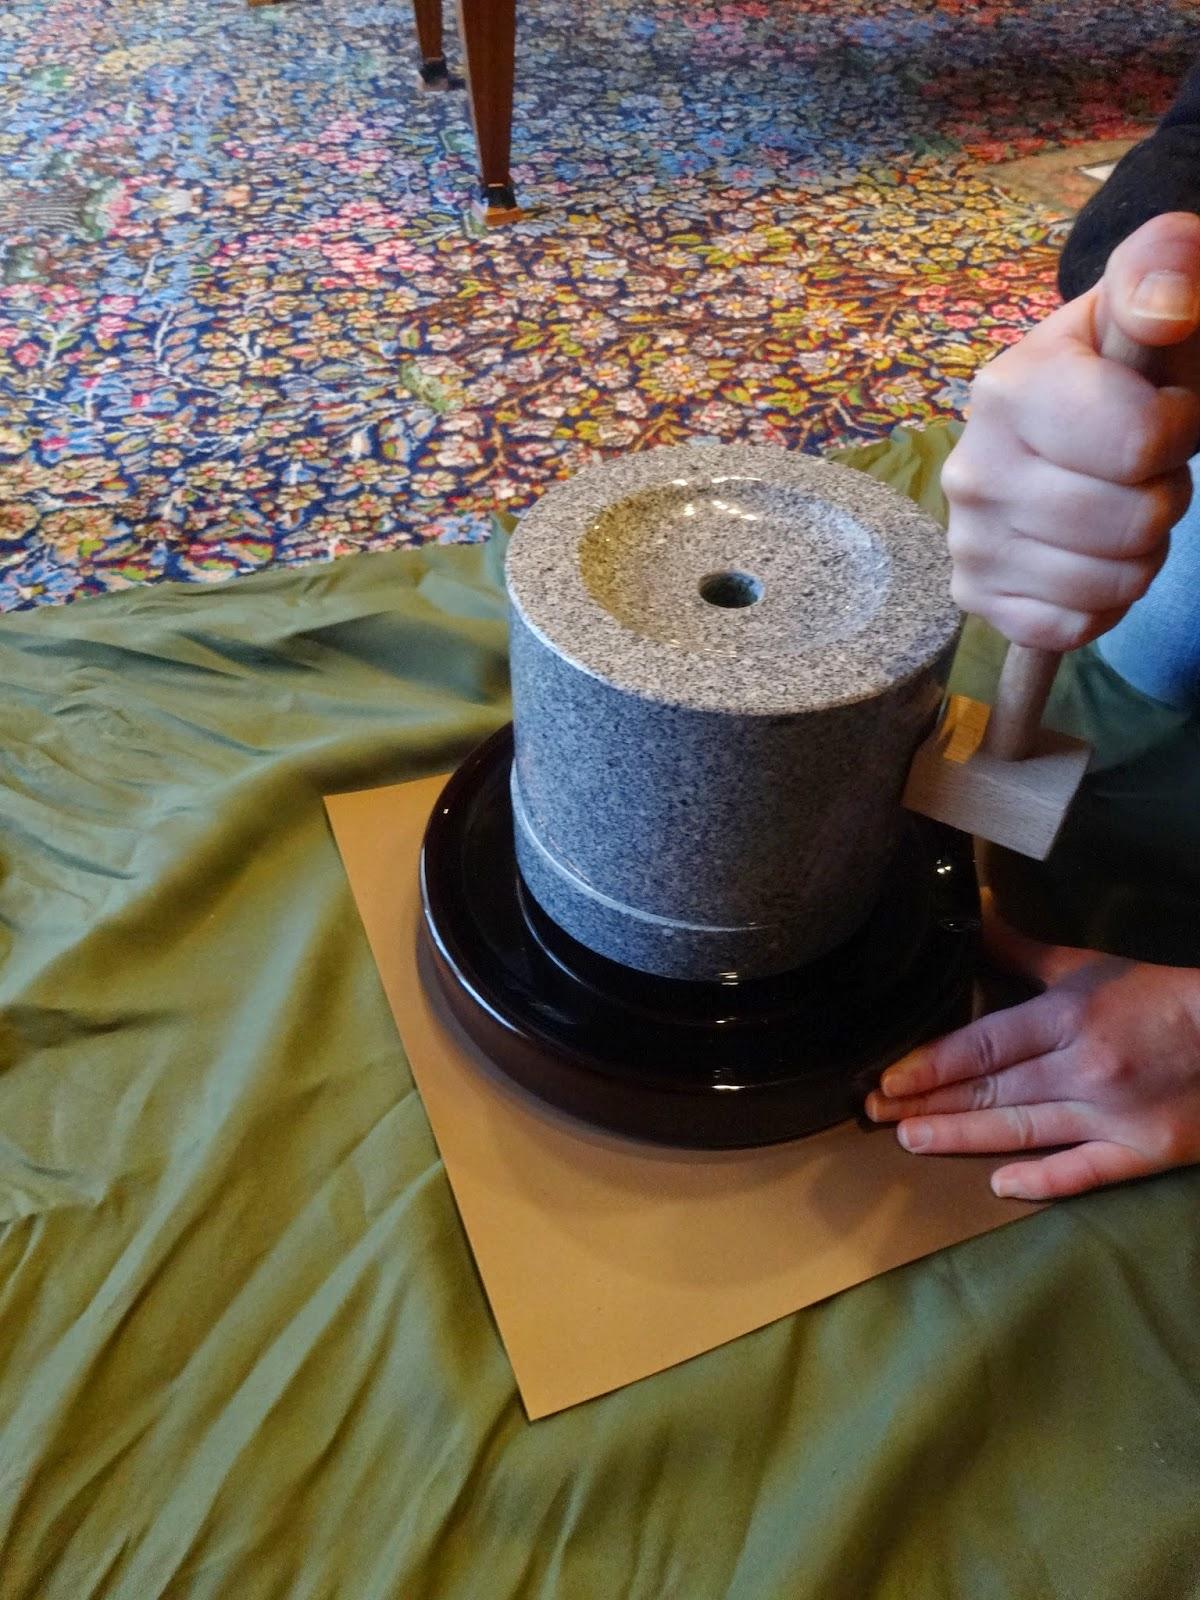 matcha selber mahlen japan ein sch nes land. Black Bedroom Furniture Sets. Home Design Ideas